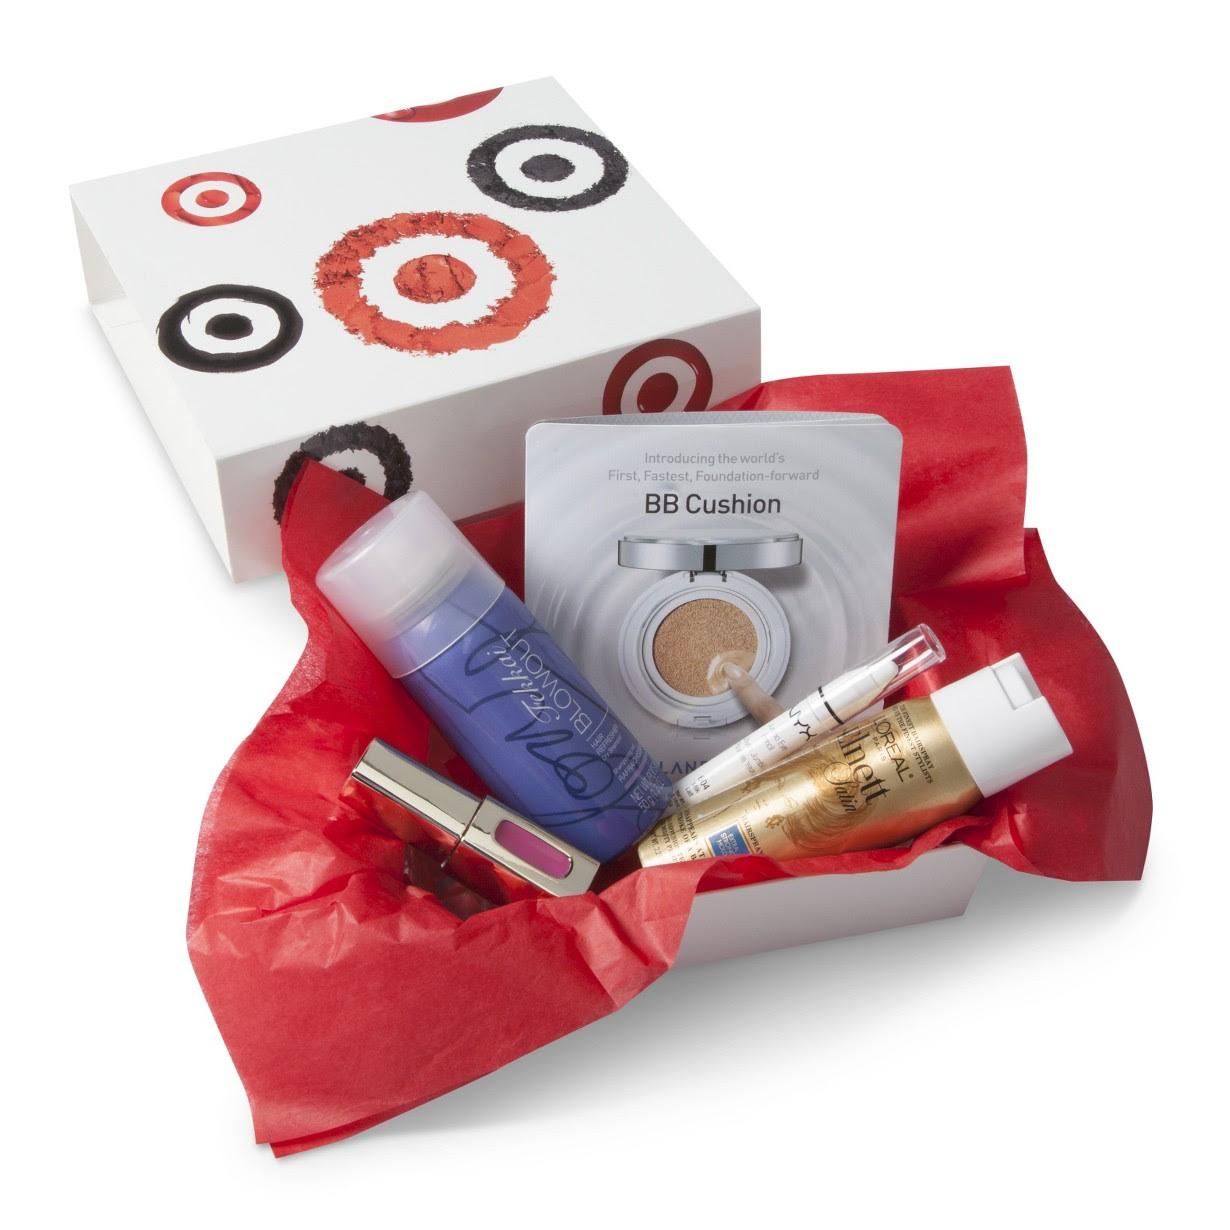 http://www.target.com/p/target-beauty-box/-/A-16331809#prodSlot=dlp_medium_1_1&term=target+beauty